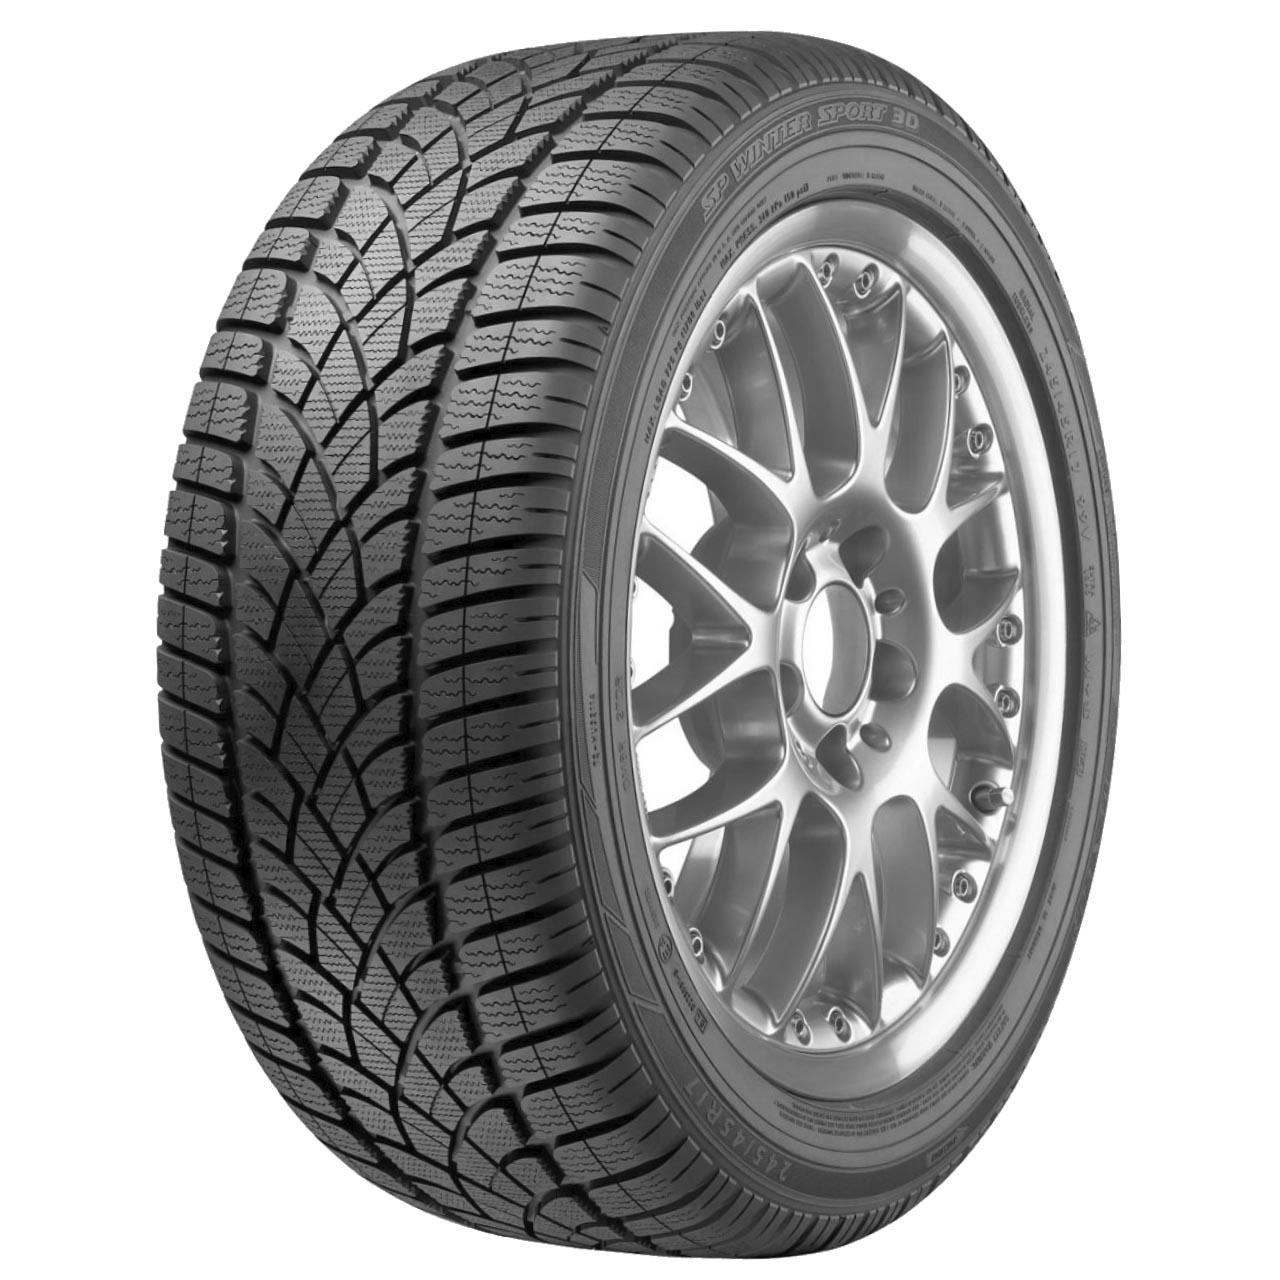 Dunlop SP Winter Sport 3D 255/35R20 97W MS XL MFS AO